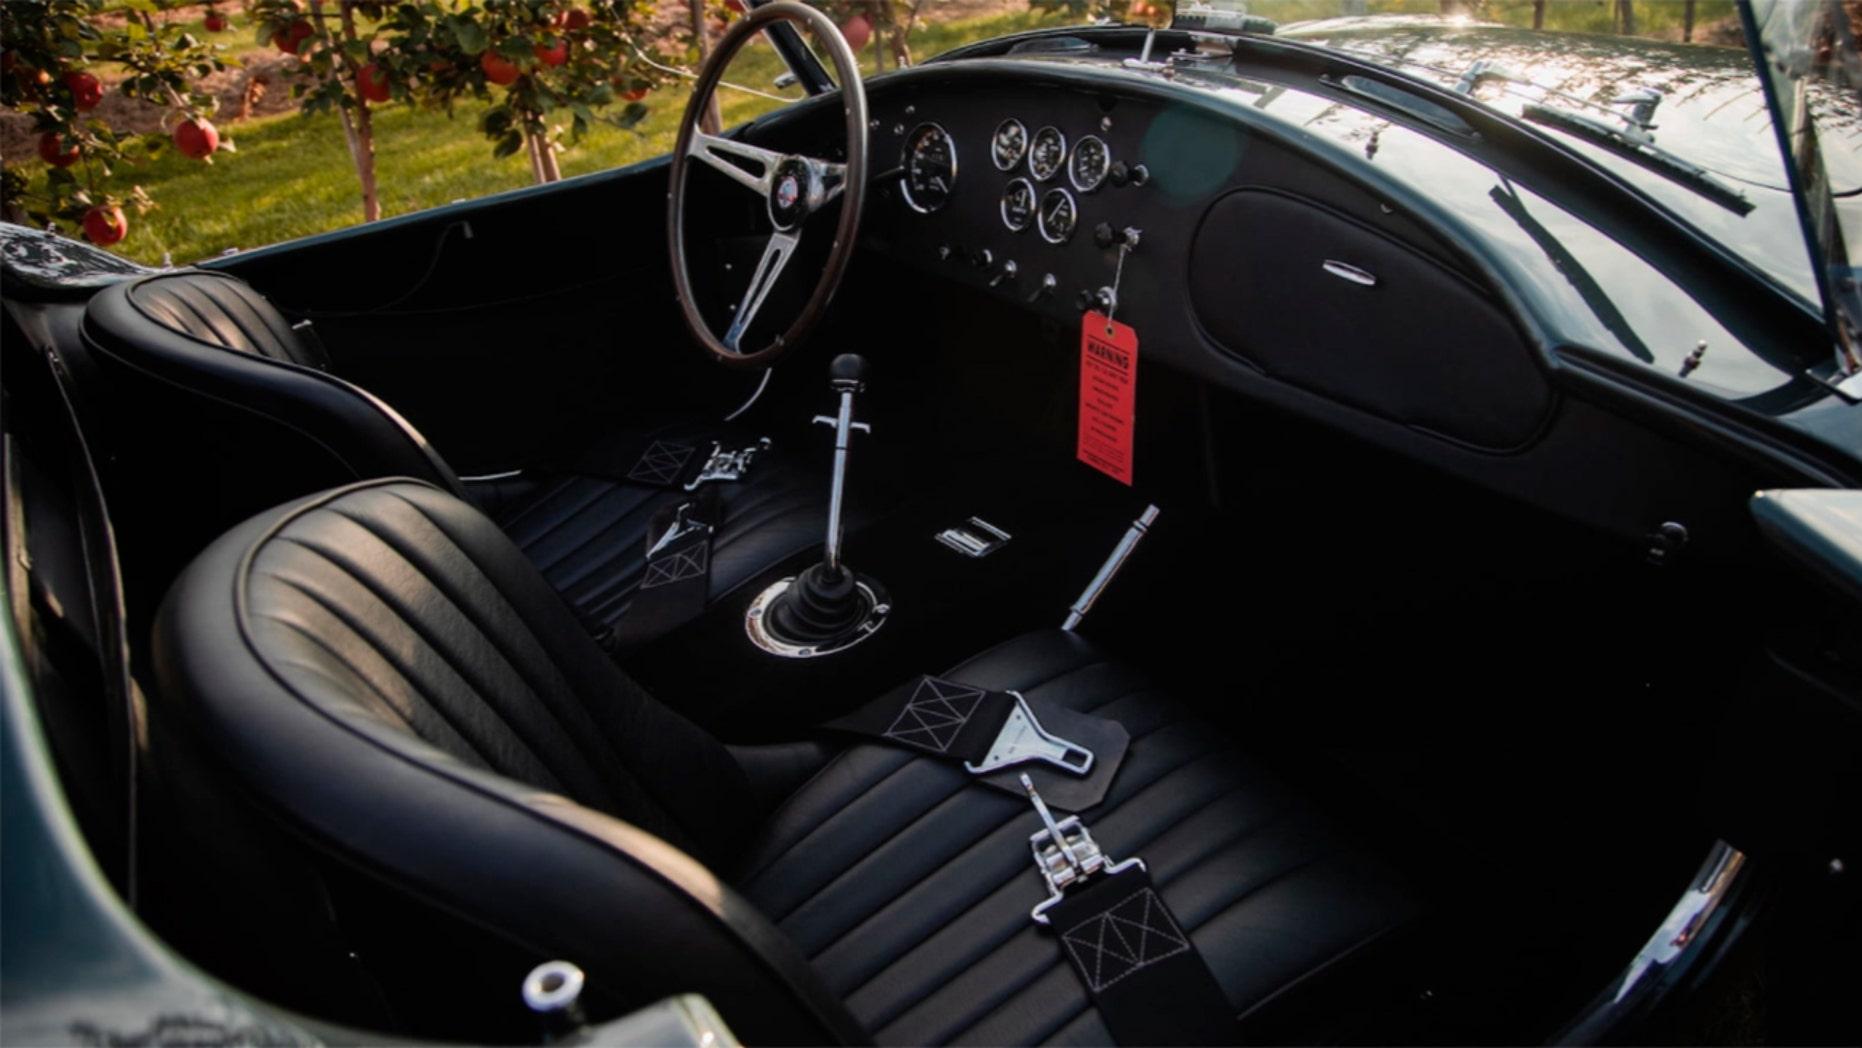 Carroll Shelby's 1965 Shelby 427 Cobra